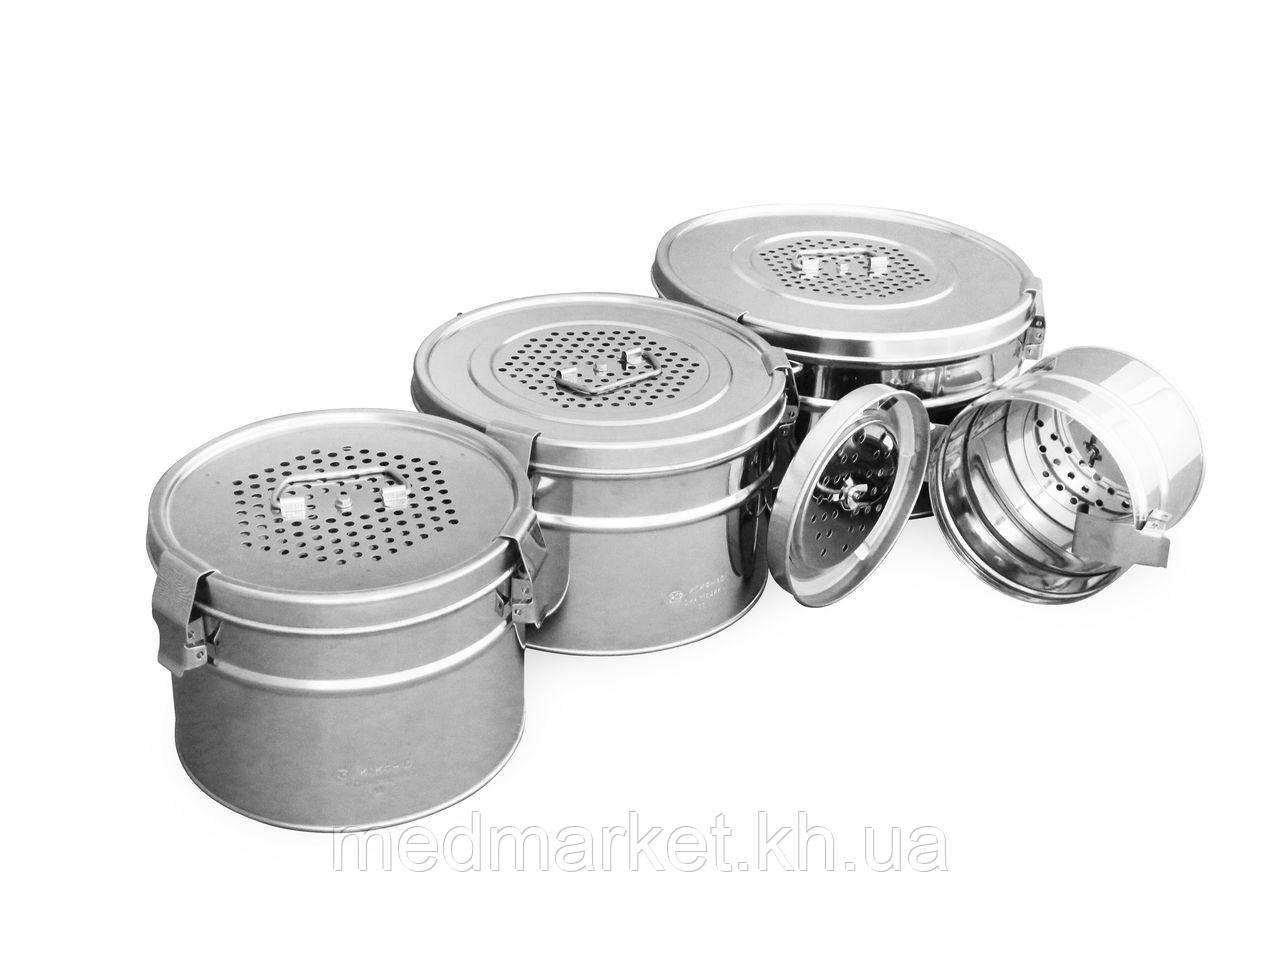 Коробка стирилизационная  круглая с фильтрами Ока Медик КСКФ-6